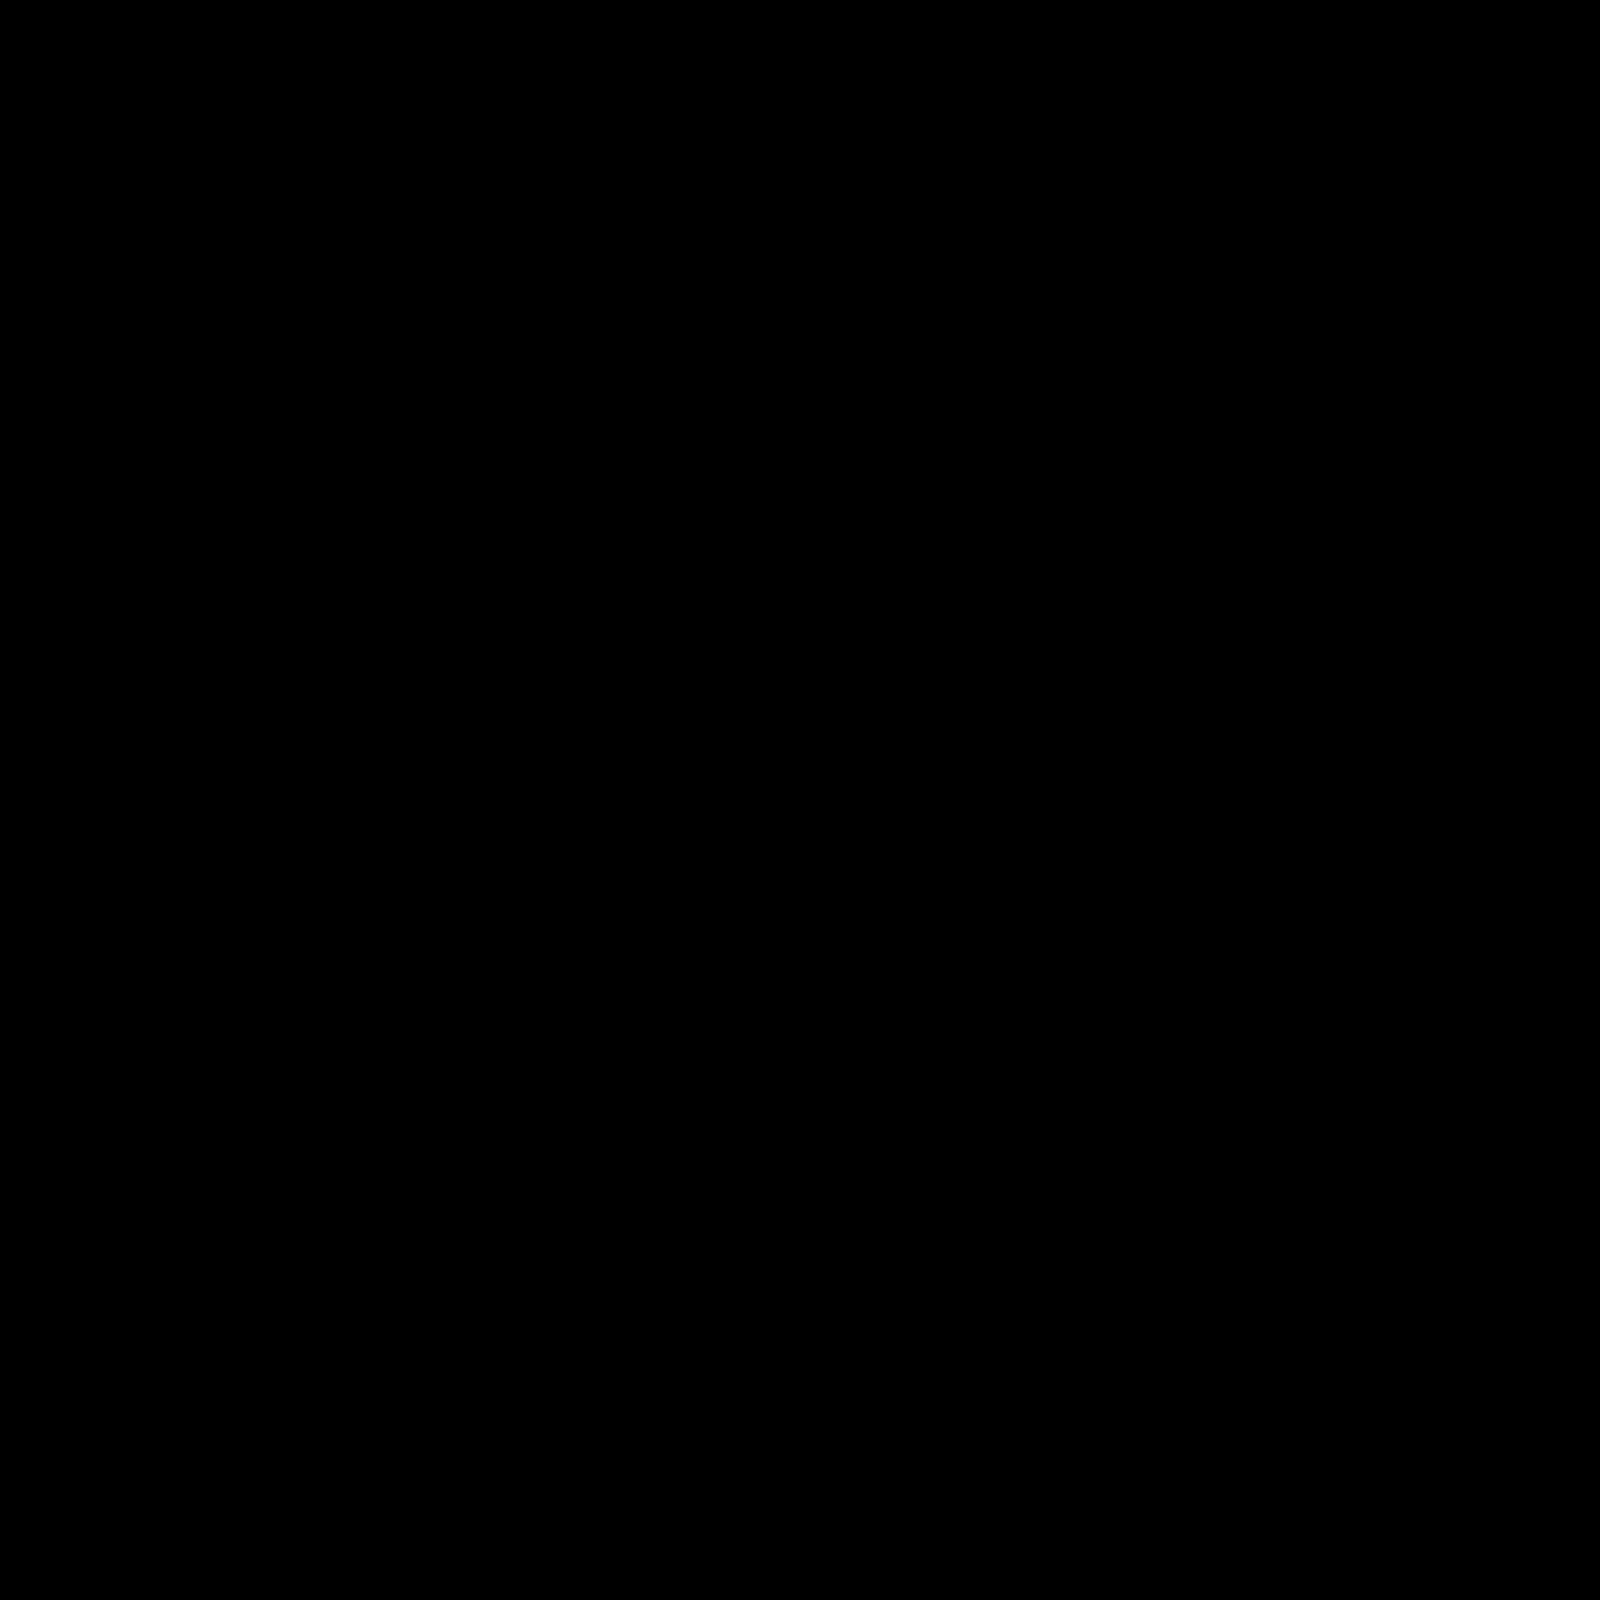 Scoreboard Filled icon